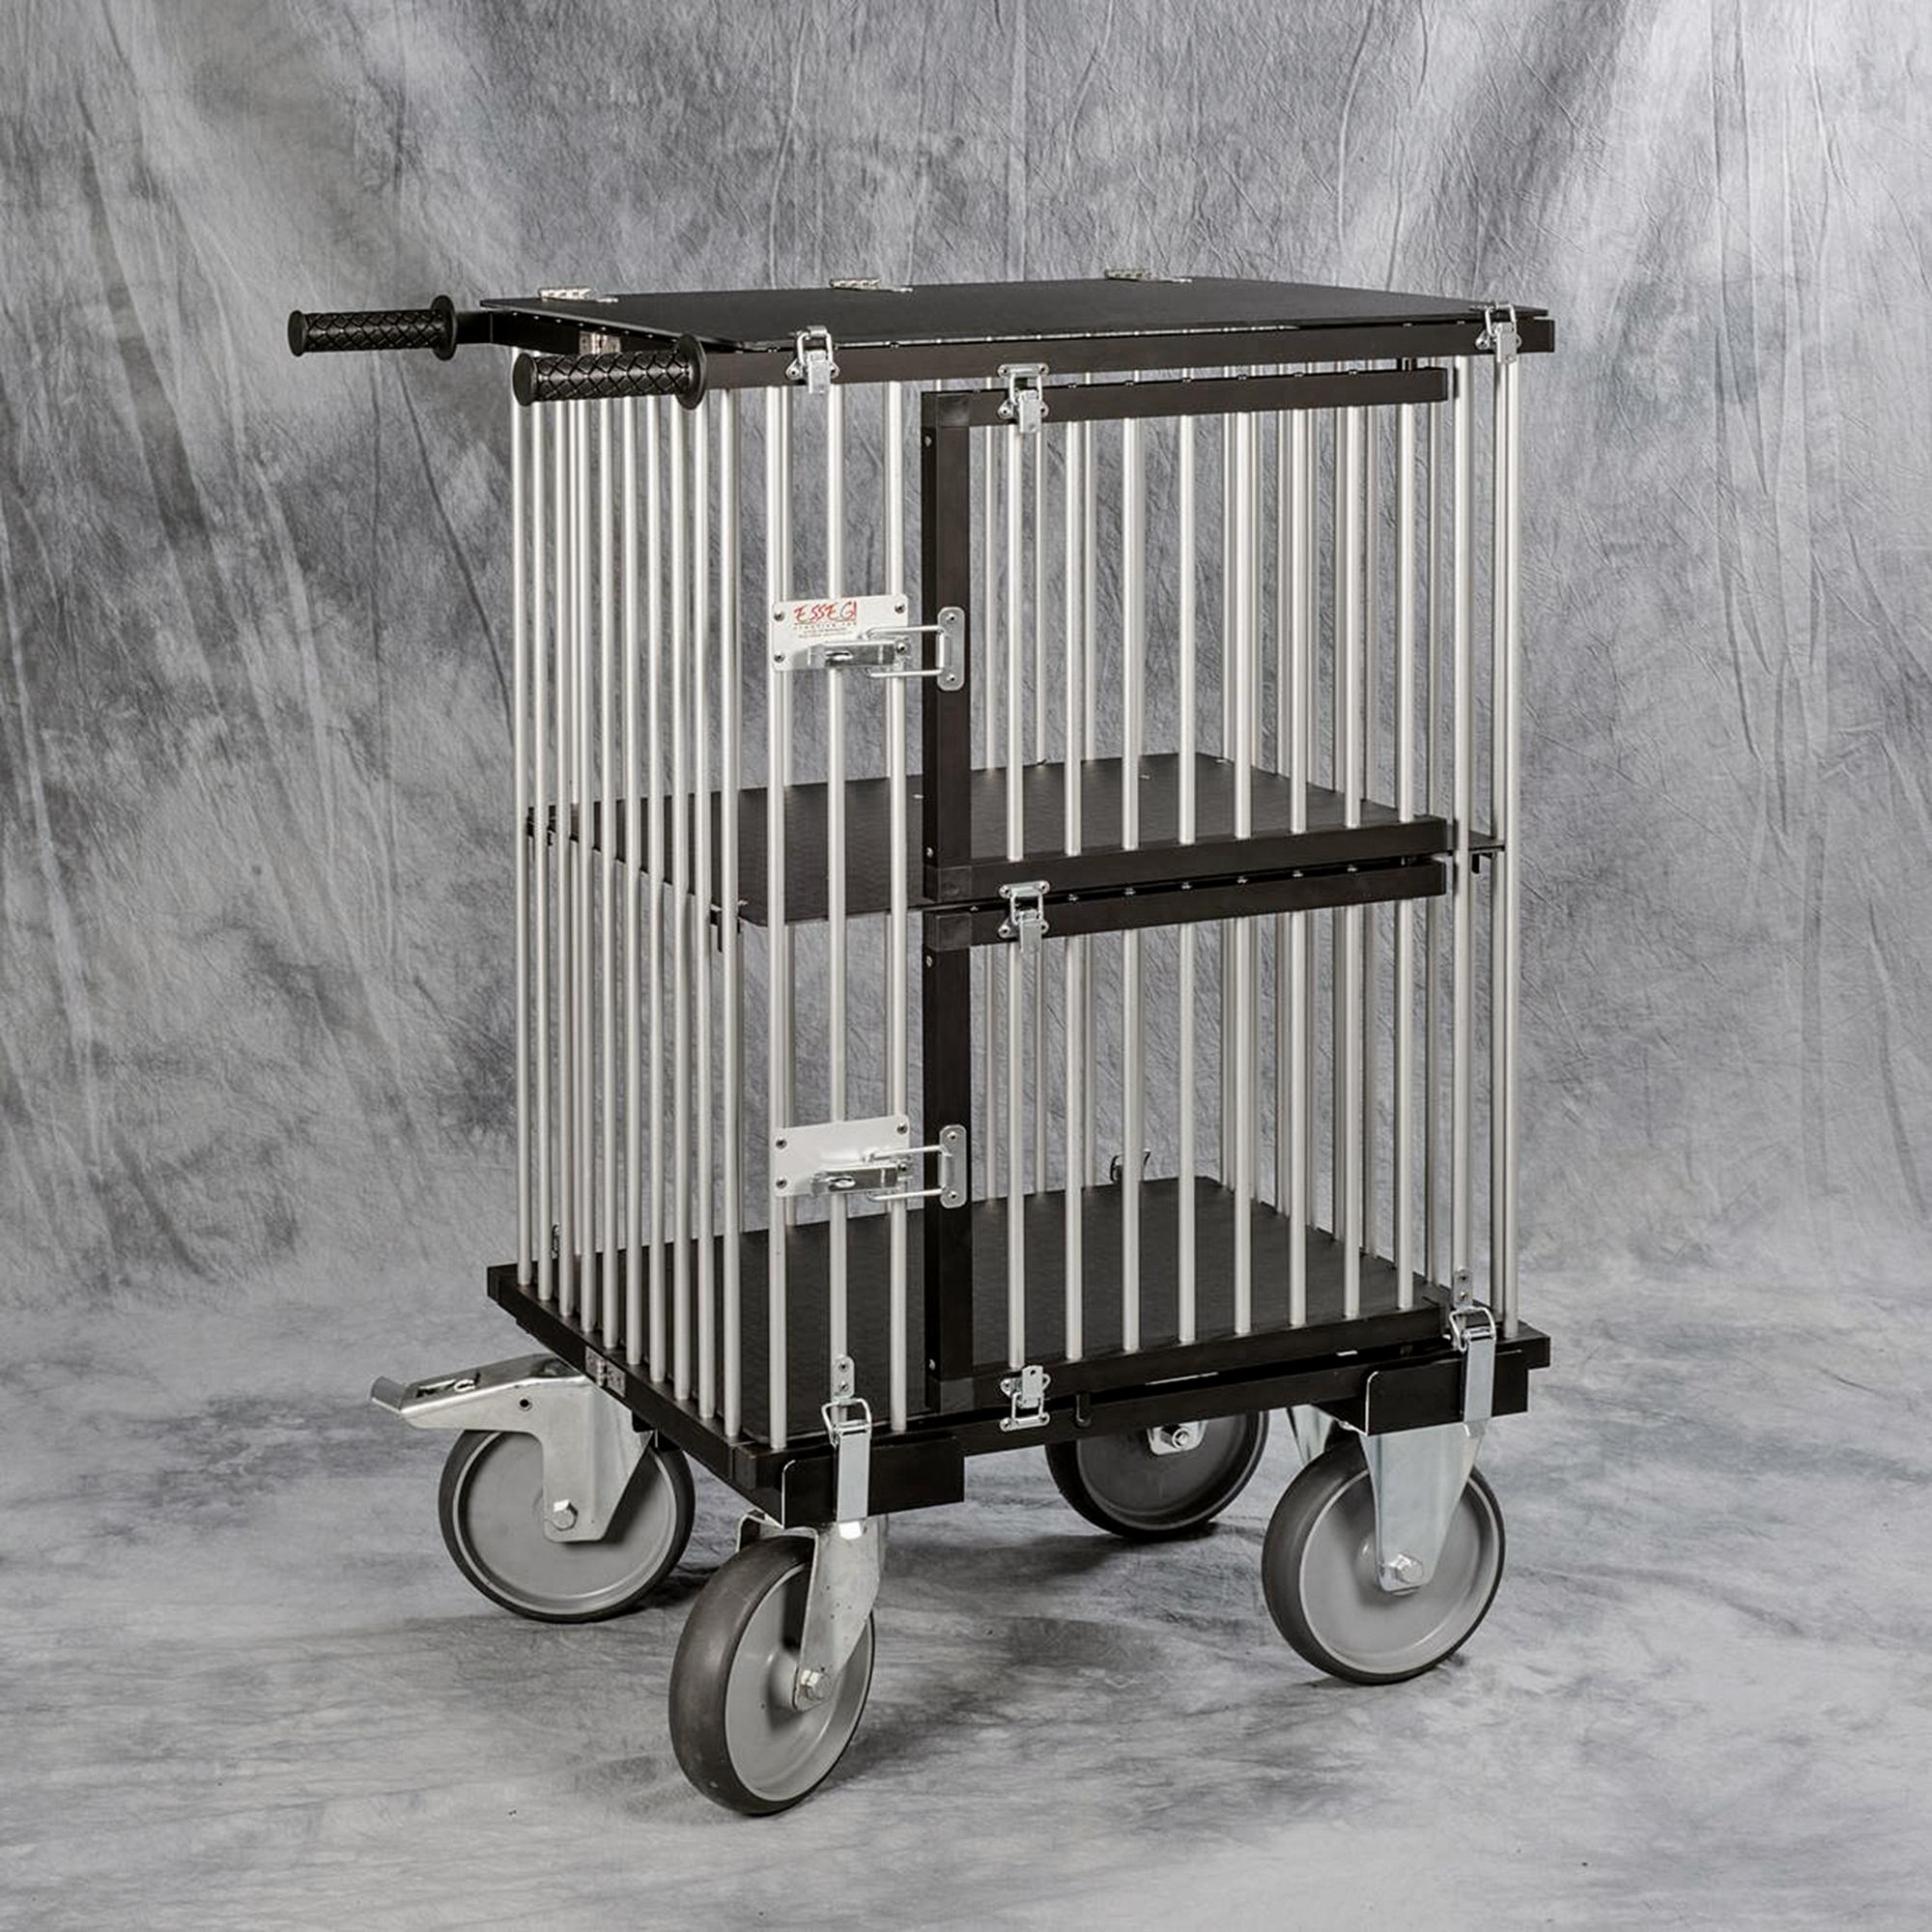 chariot cage alu pliable haute qualité 2 cases horizontales